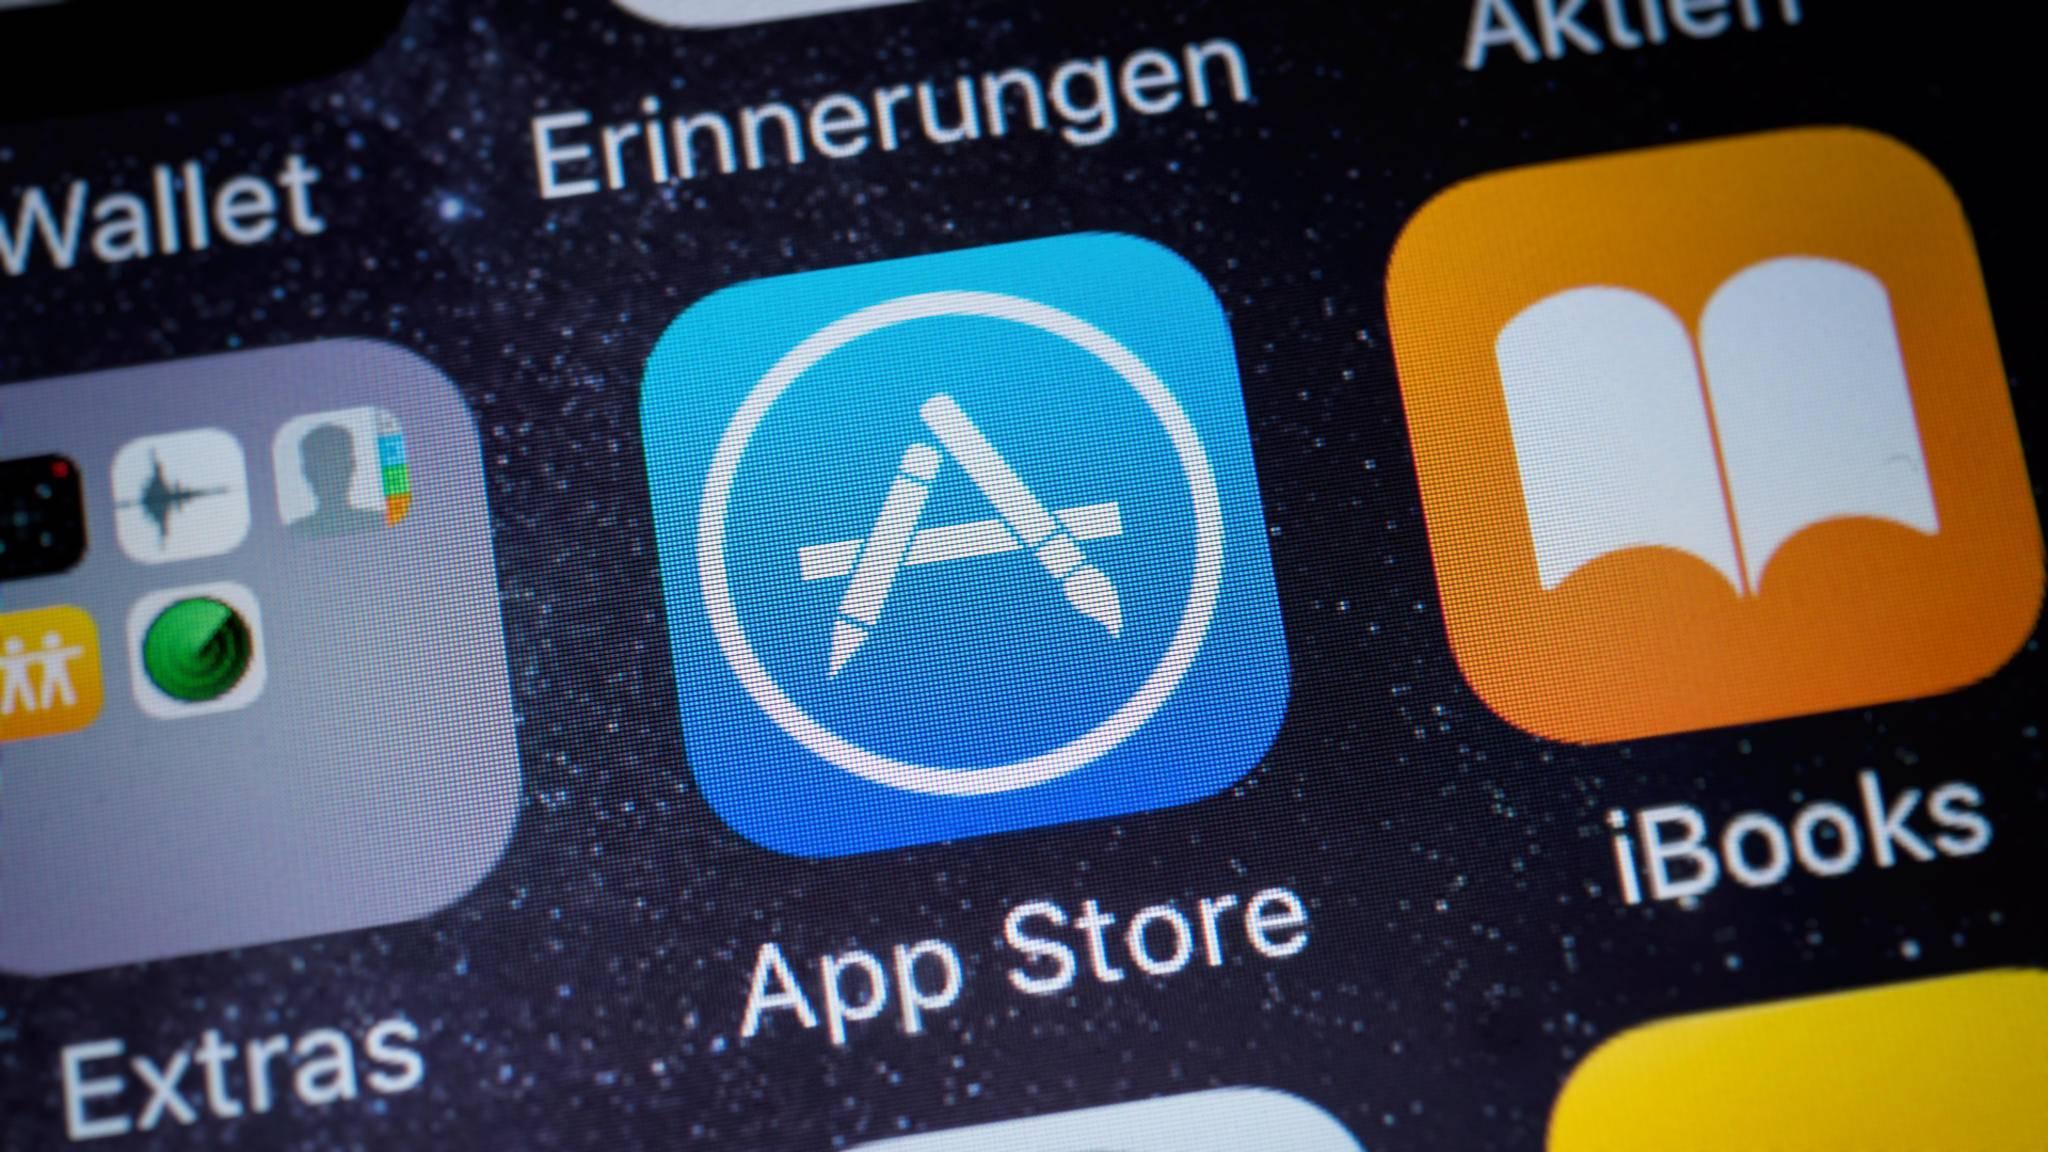 Wir verraten, wie Du ganz einfach das Land für den App Store wechseln kannst.